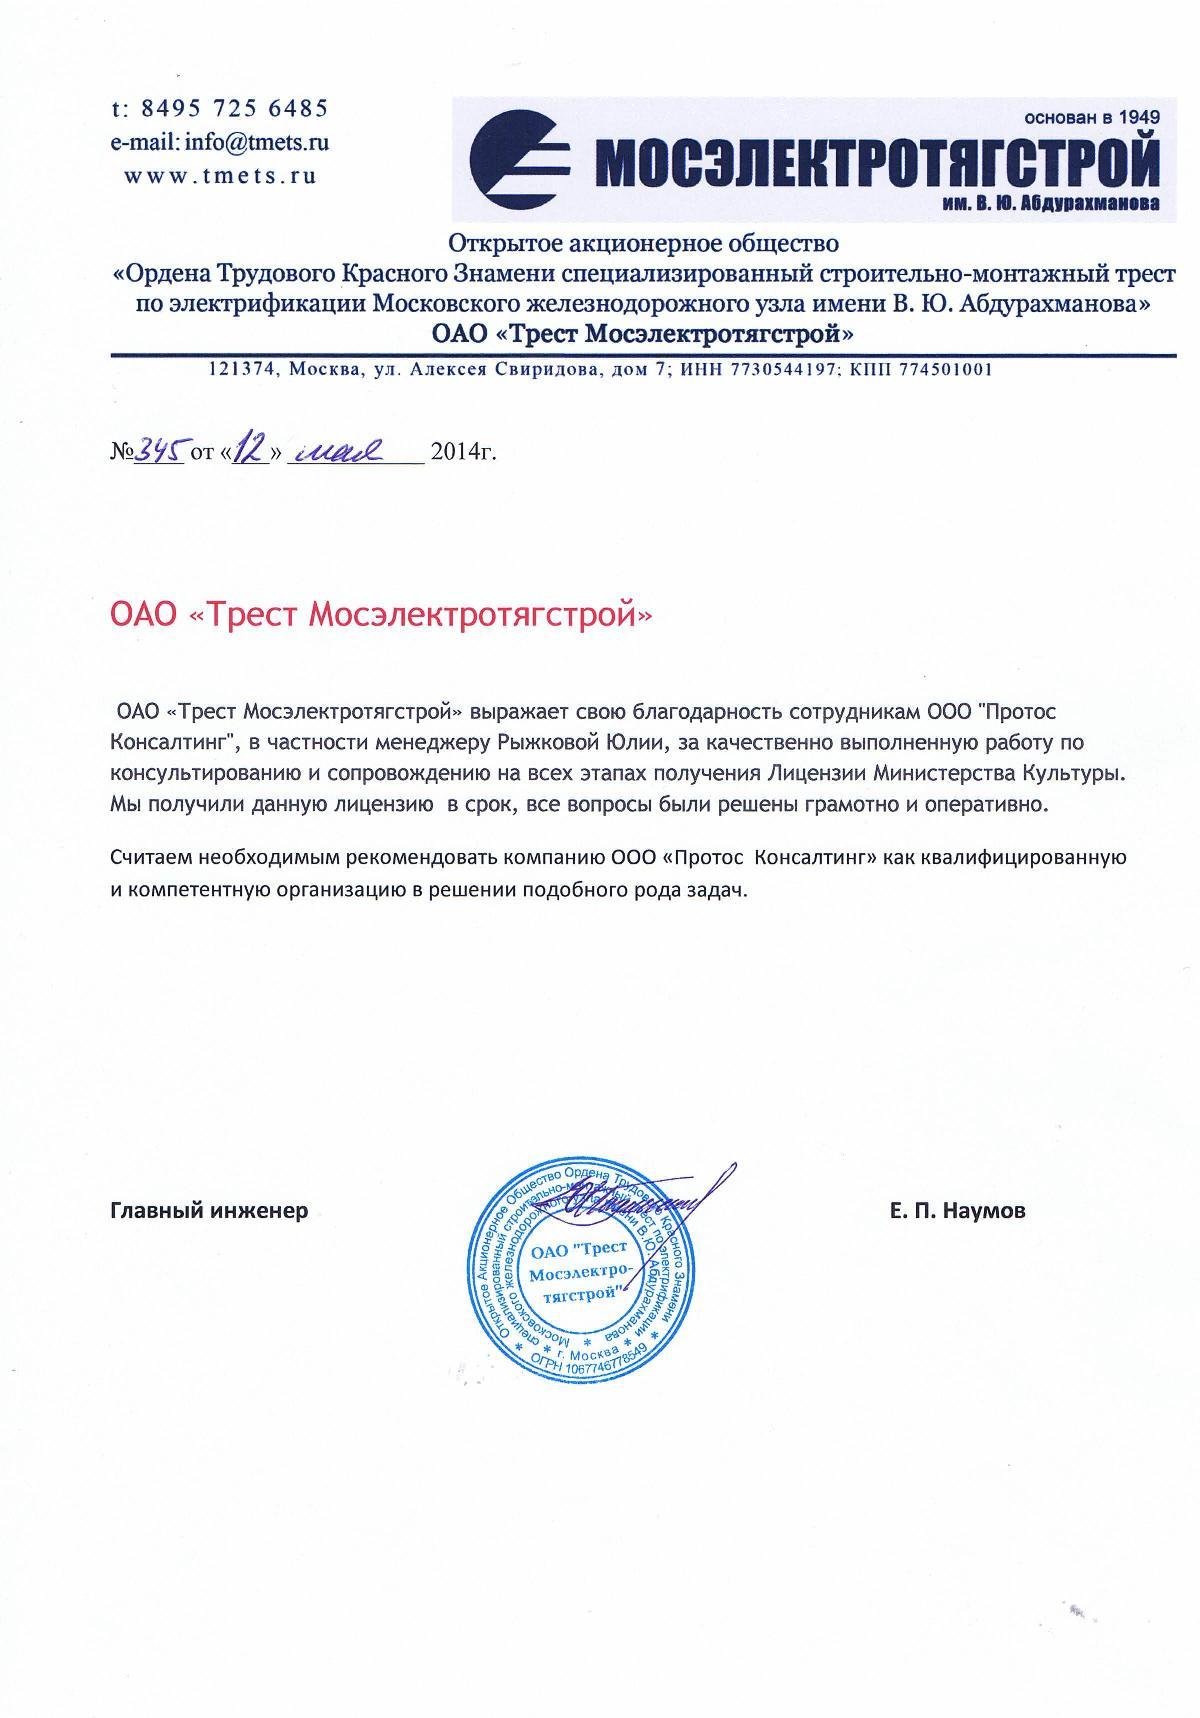 фирмы главная трудовая организация москва отзывы сотрудников подробно каждом